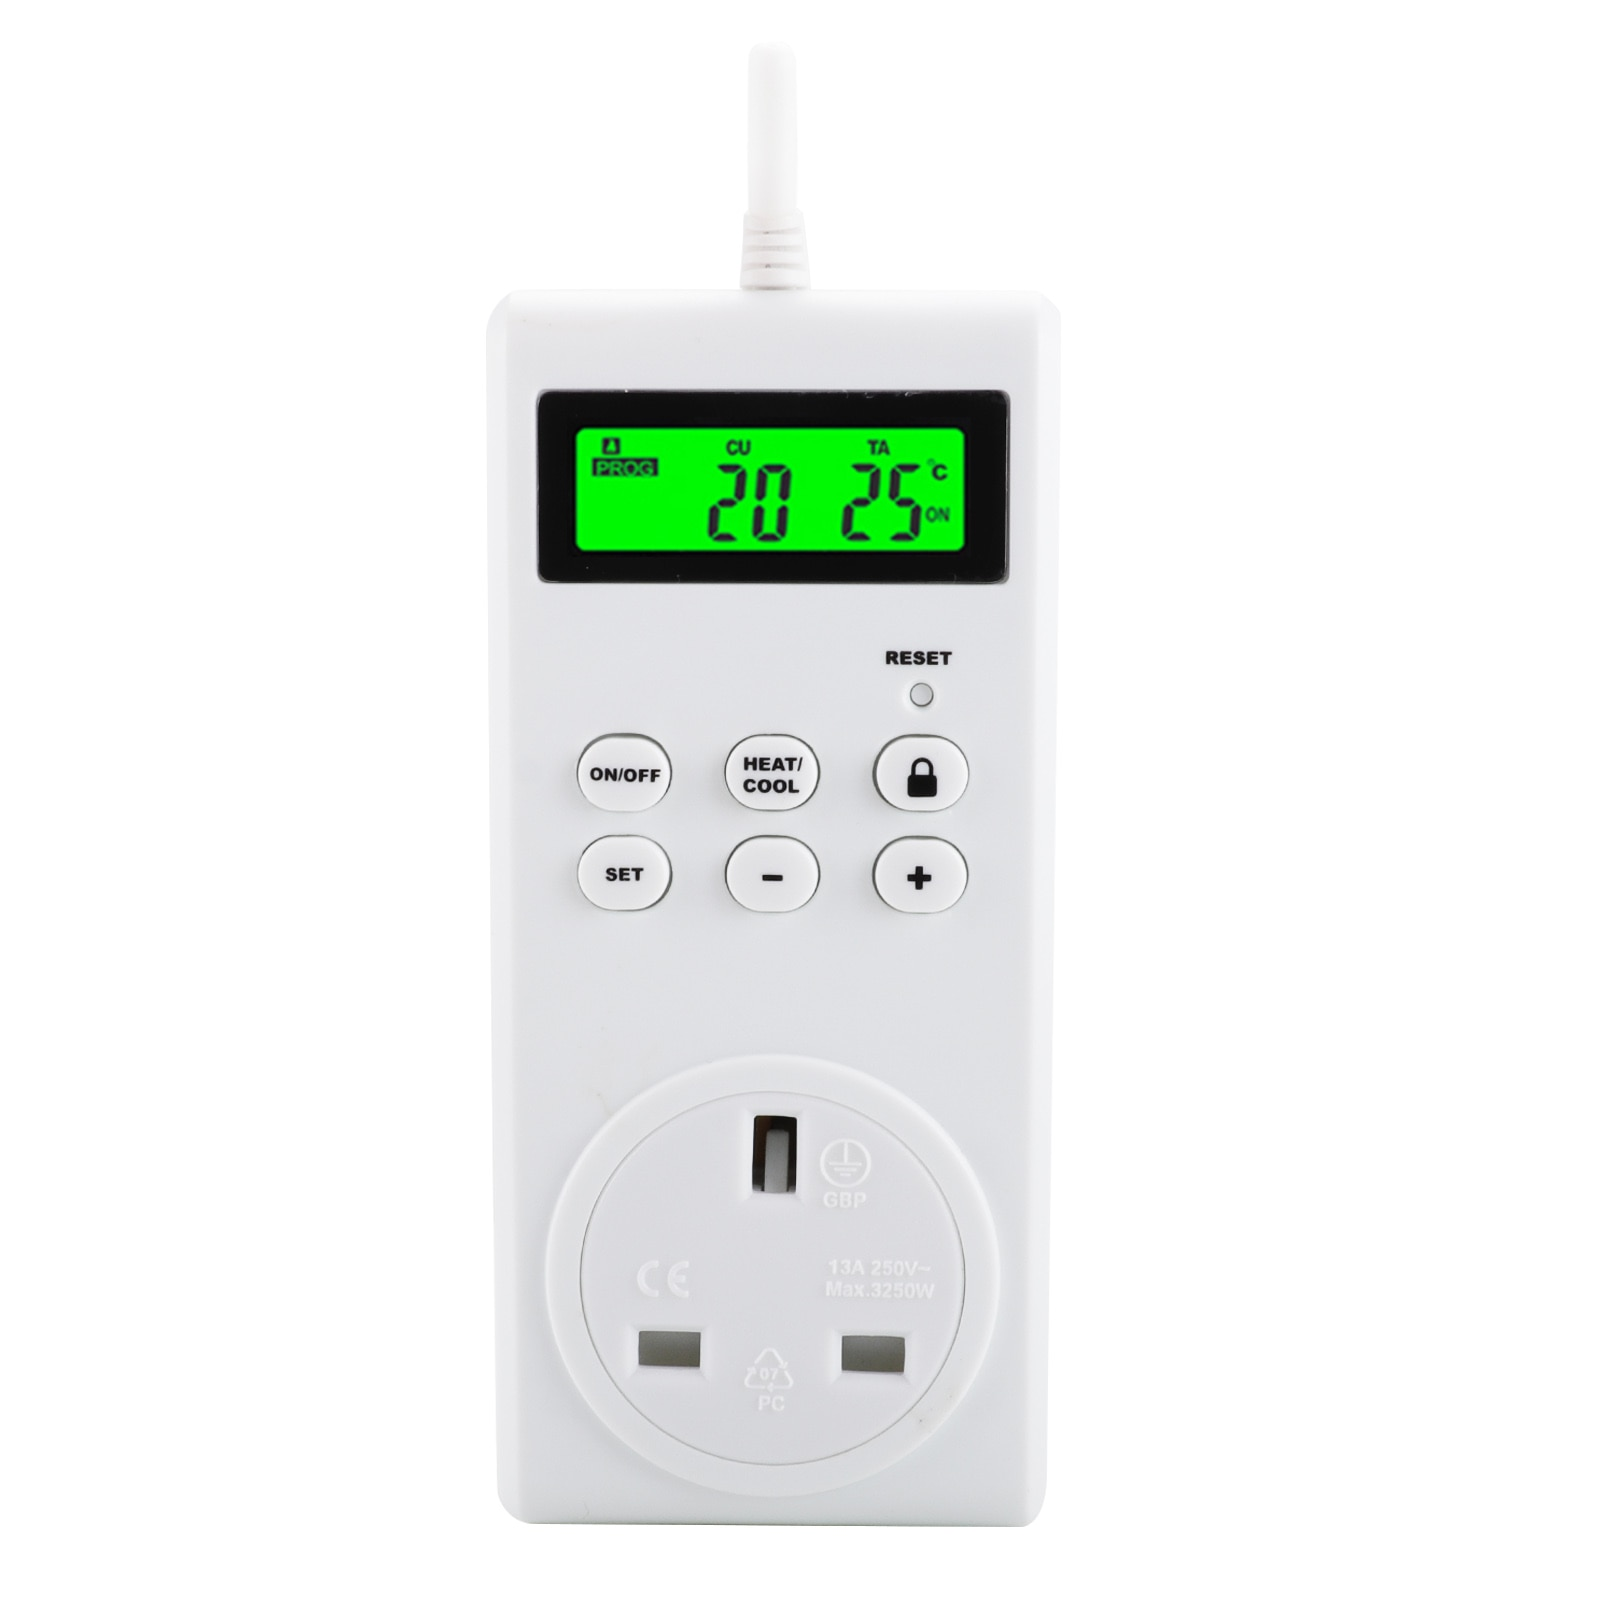 KKmoon المكونات في منظم حرارة قابل للبرمجة اللاسلكية ترموستات منفذ شاشة الكريستال السائل متحكم في درجة الحرارة لمبردات الغرفة وسخان